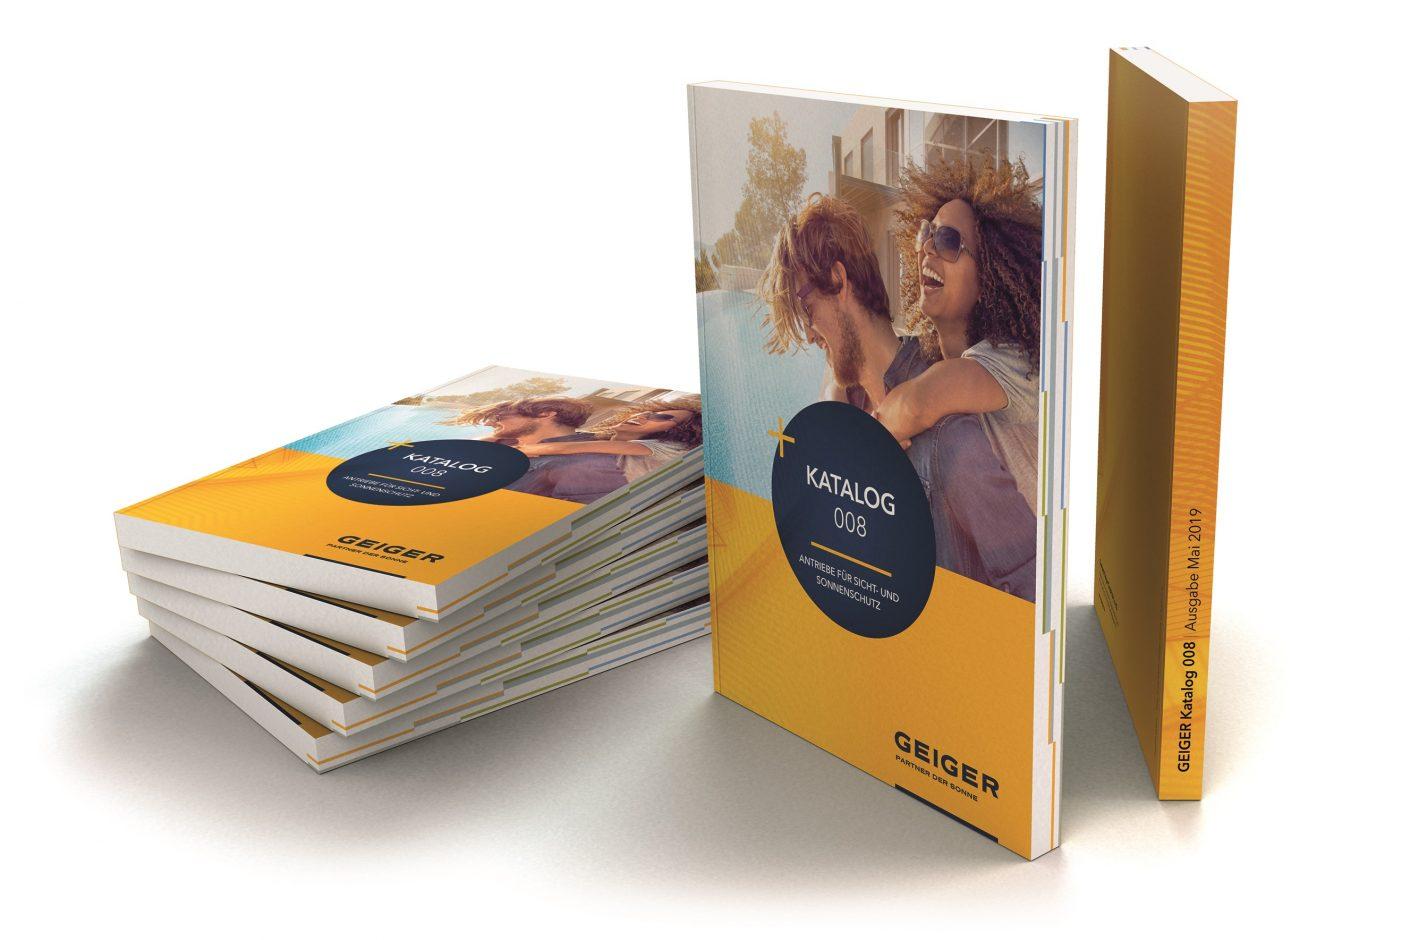 Der neue GEIGER-Katalog bietet einen schnellen Überblick über die elektrischen und mechanischen Antriebslösungen für Sonnenschutzsysteme. Bildquelle: GEIGER